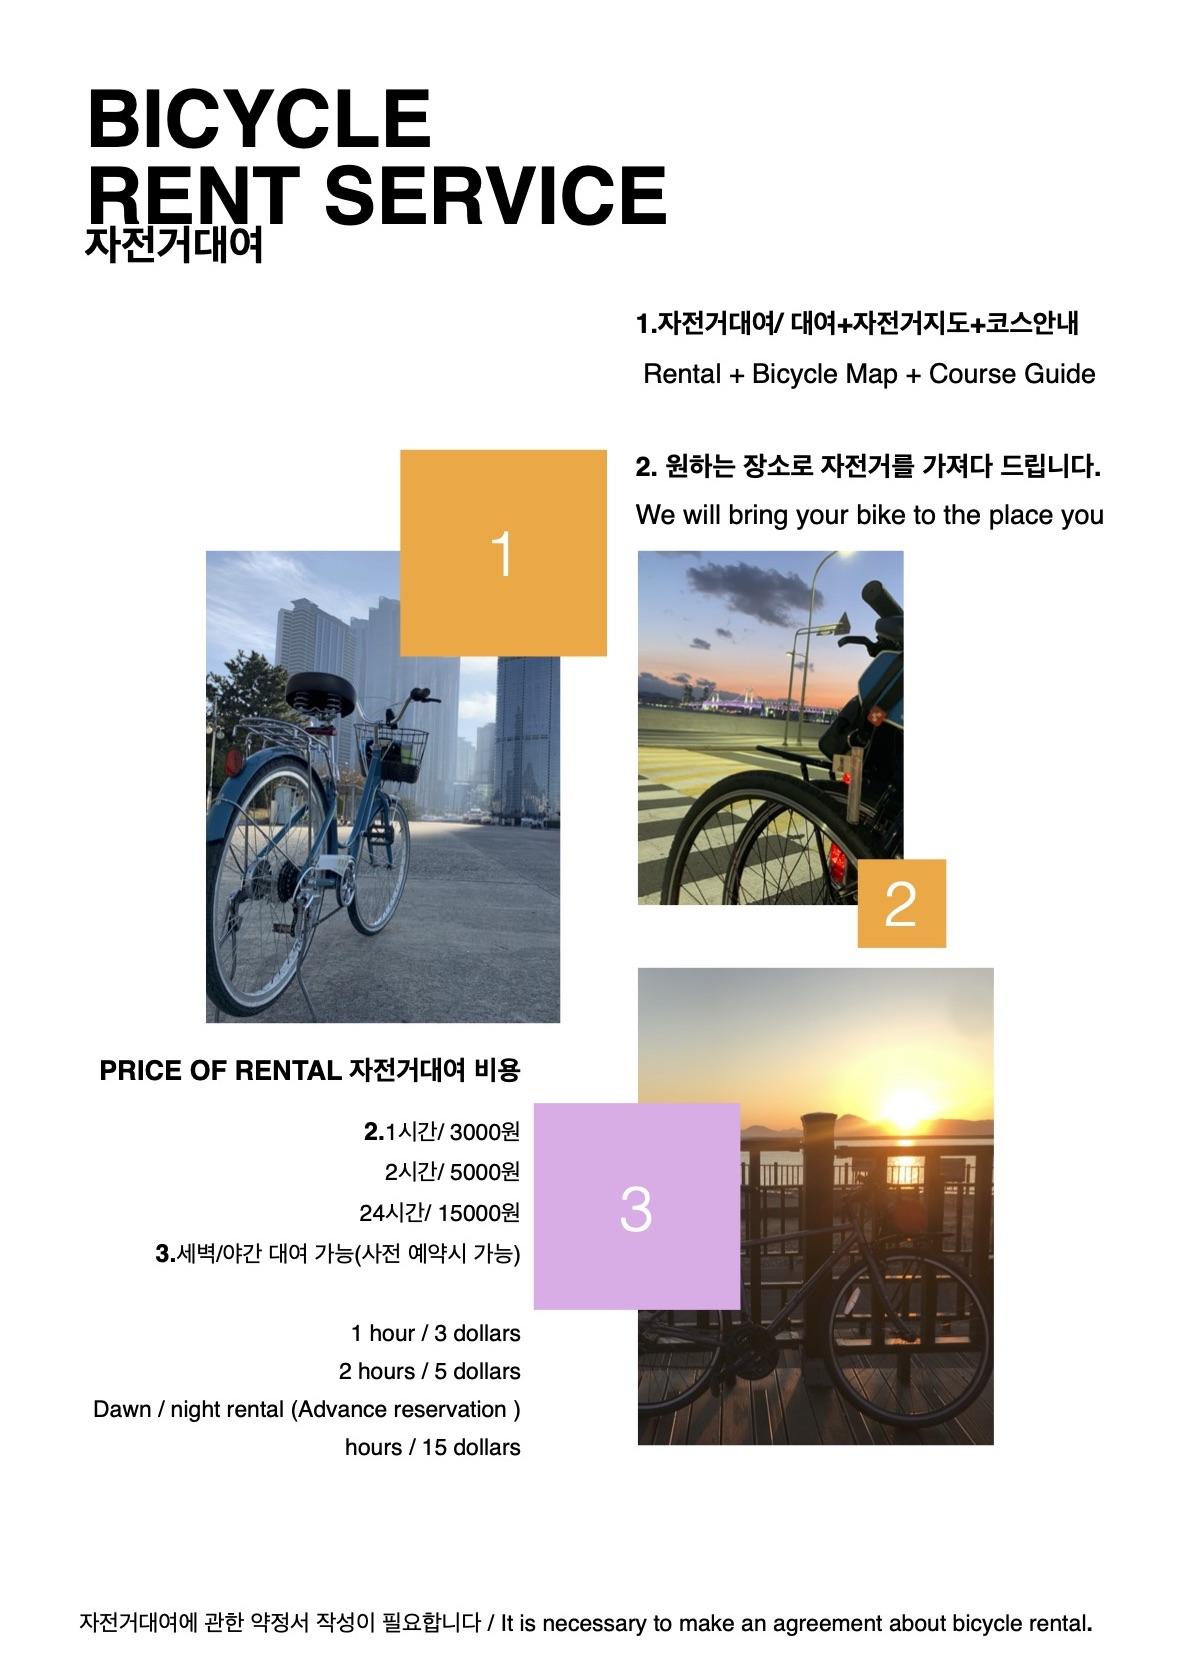 관심이 있나요? '자전거투어구매' 창에서 구매해 주십시오.